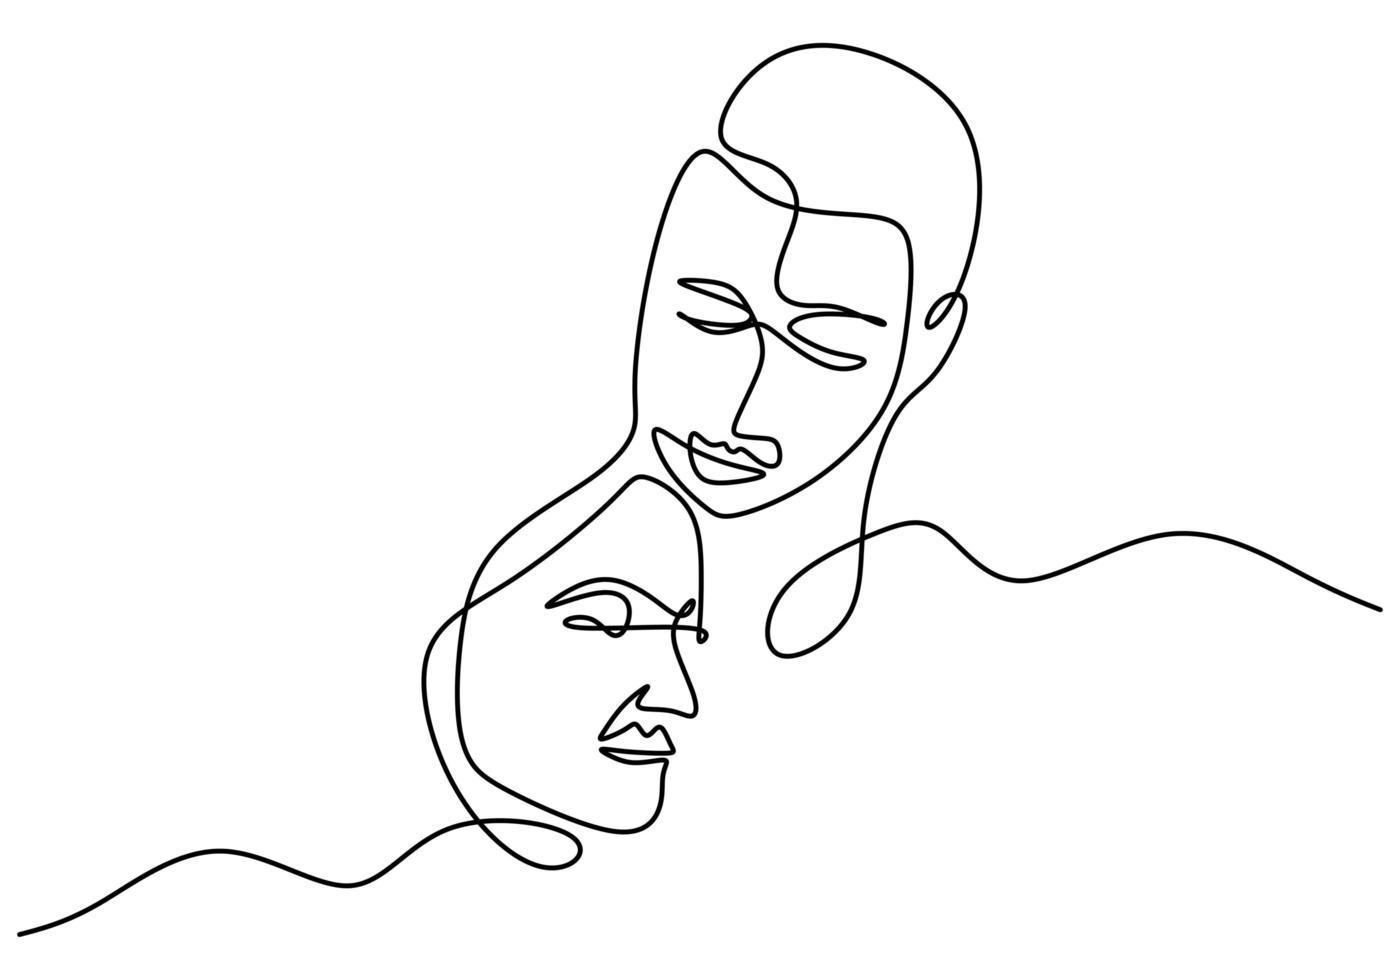 doorlopende lijntekening. romantisch koppel. liefhebbers thema conceptontwerp. minimalisme emotionele hand getekend van man en meisje. goed voor Valentijnsdag kaart, spandoek en poster. vector